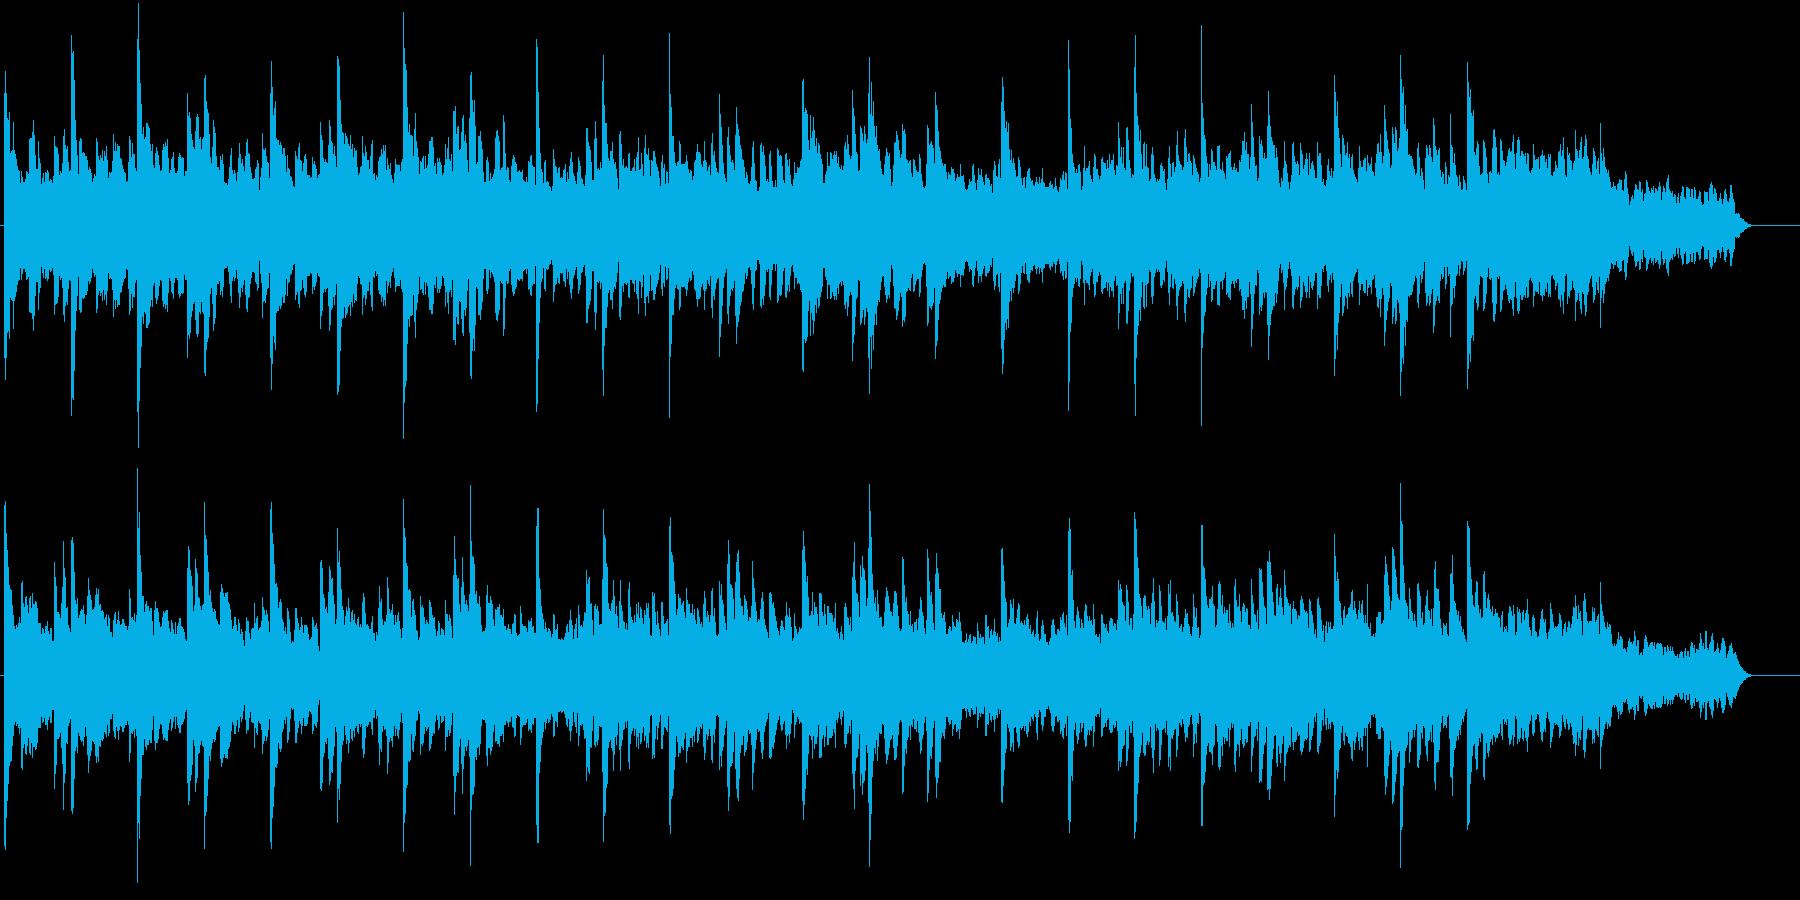 ピアノ&シンセパッドのバラードBGMの再生済みの波形